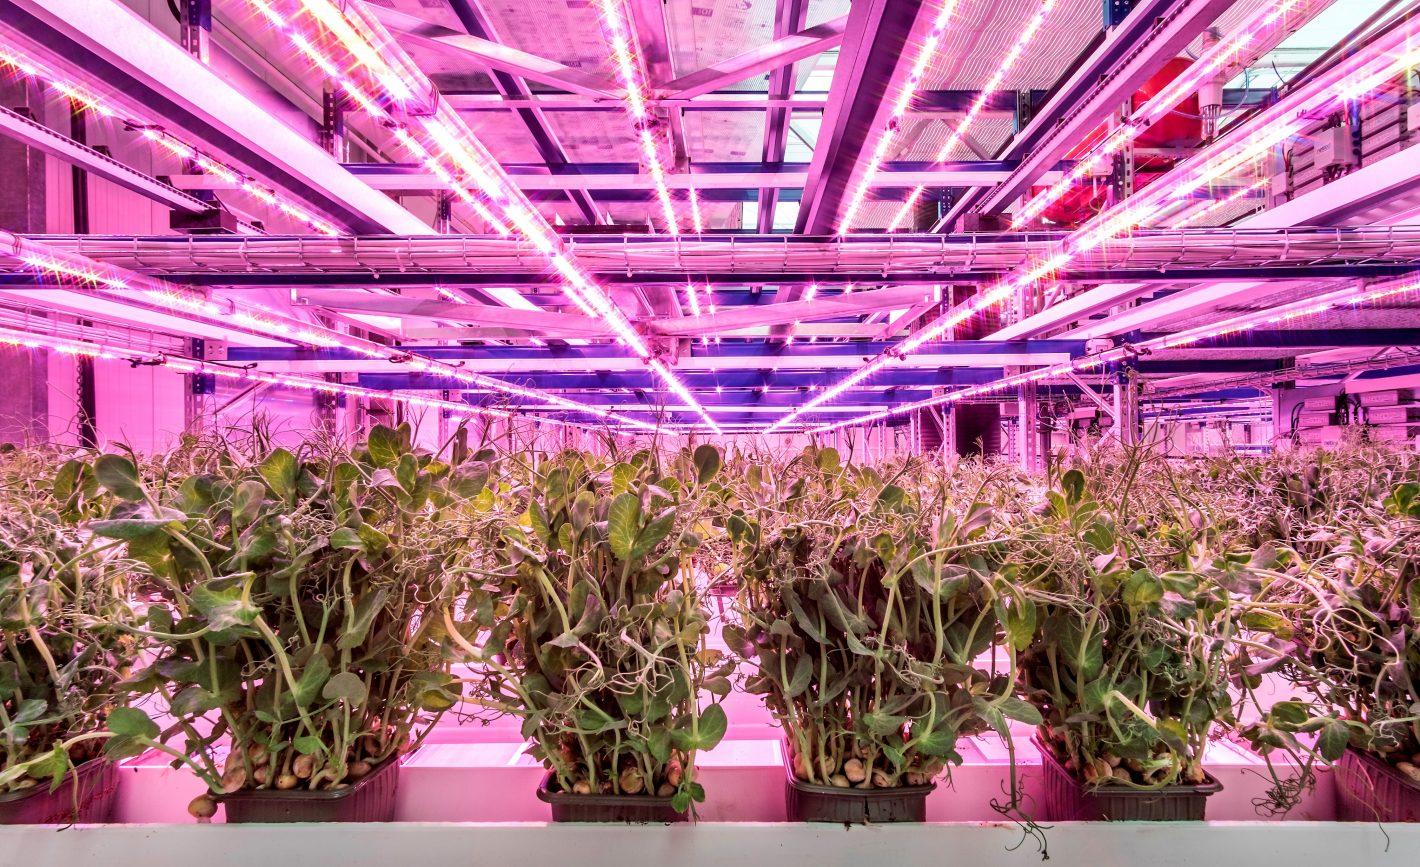 Salaattiversoja kasvihuoneen violetissa valossa.